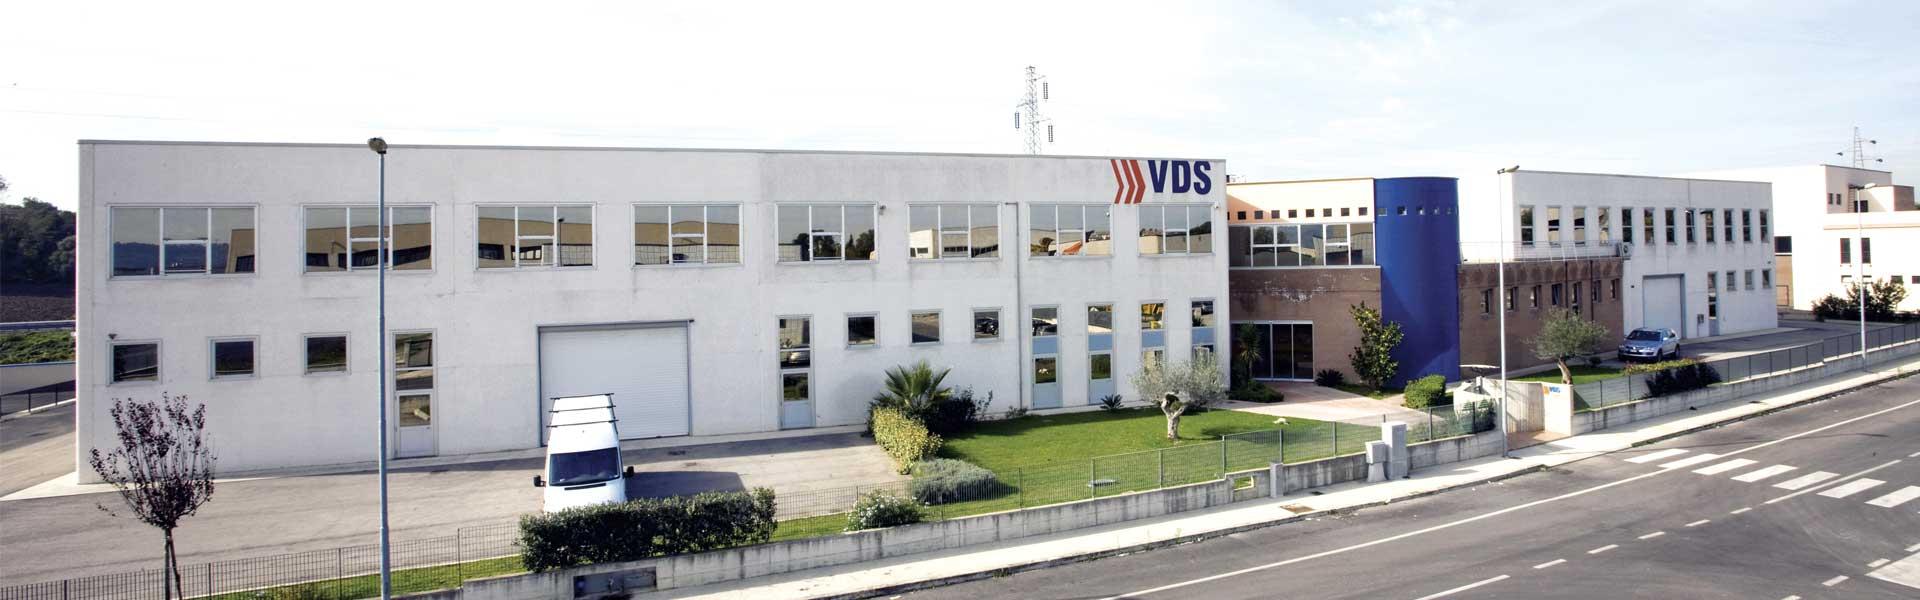 nhà máy vds italy